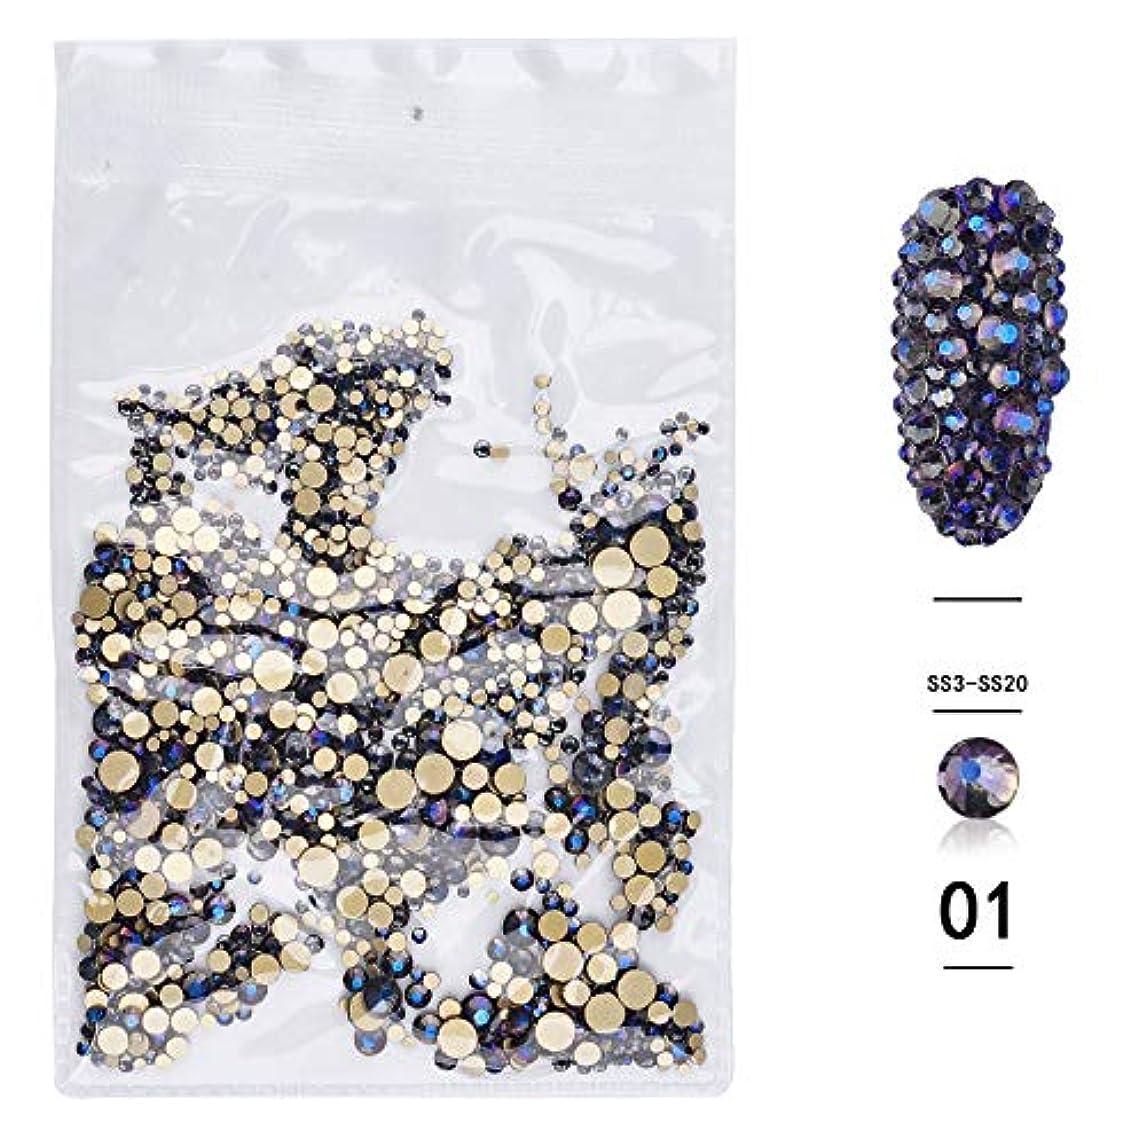 もっと提出するのヒープ(1440pcsのパック)ネイルアートラインストーン3DデコレーションフラットボトムダイヤモンドシャイニーABクリスタル混合サイズDIYアクセサリー